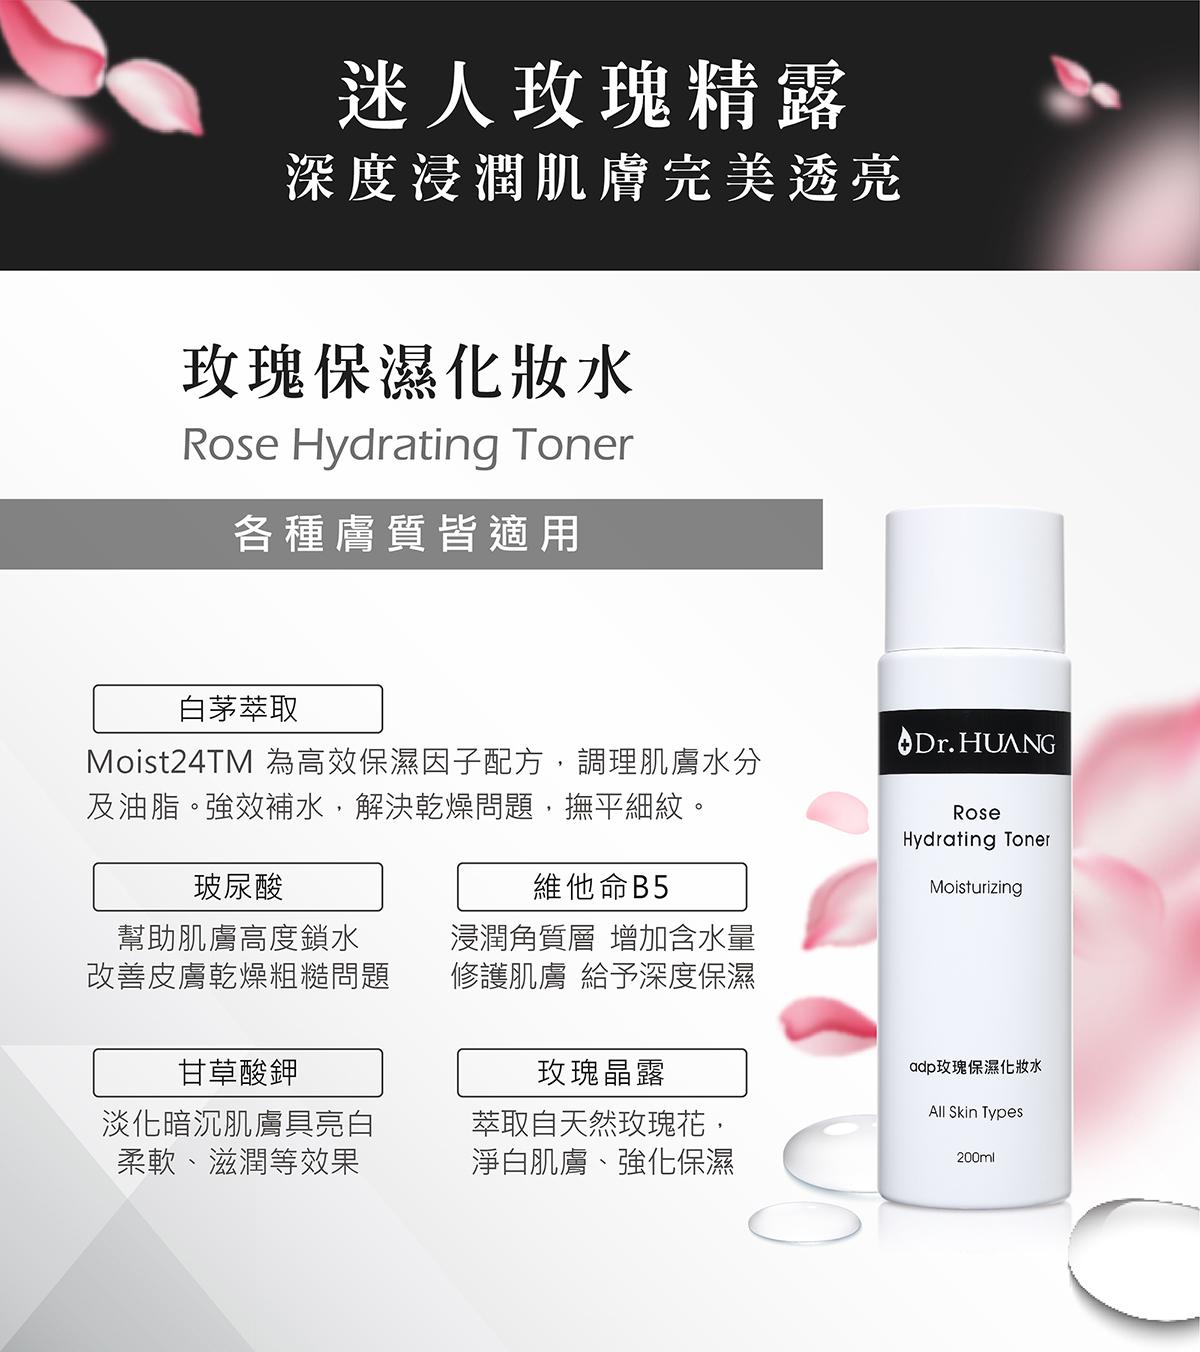 Dr.HUANGadp系列玫瑰保濕化妝水添加白茅萃取Moist24TM高效保濕因子配方強效補水玻尿酸高度鎖水玫瑰晶露淨白肌膚